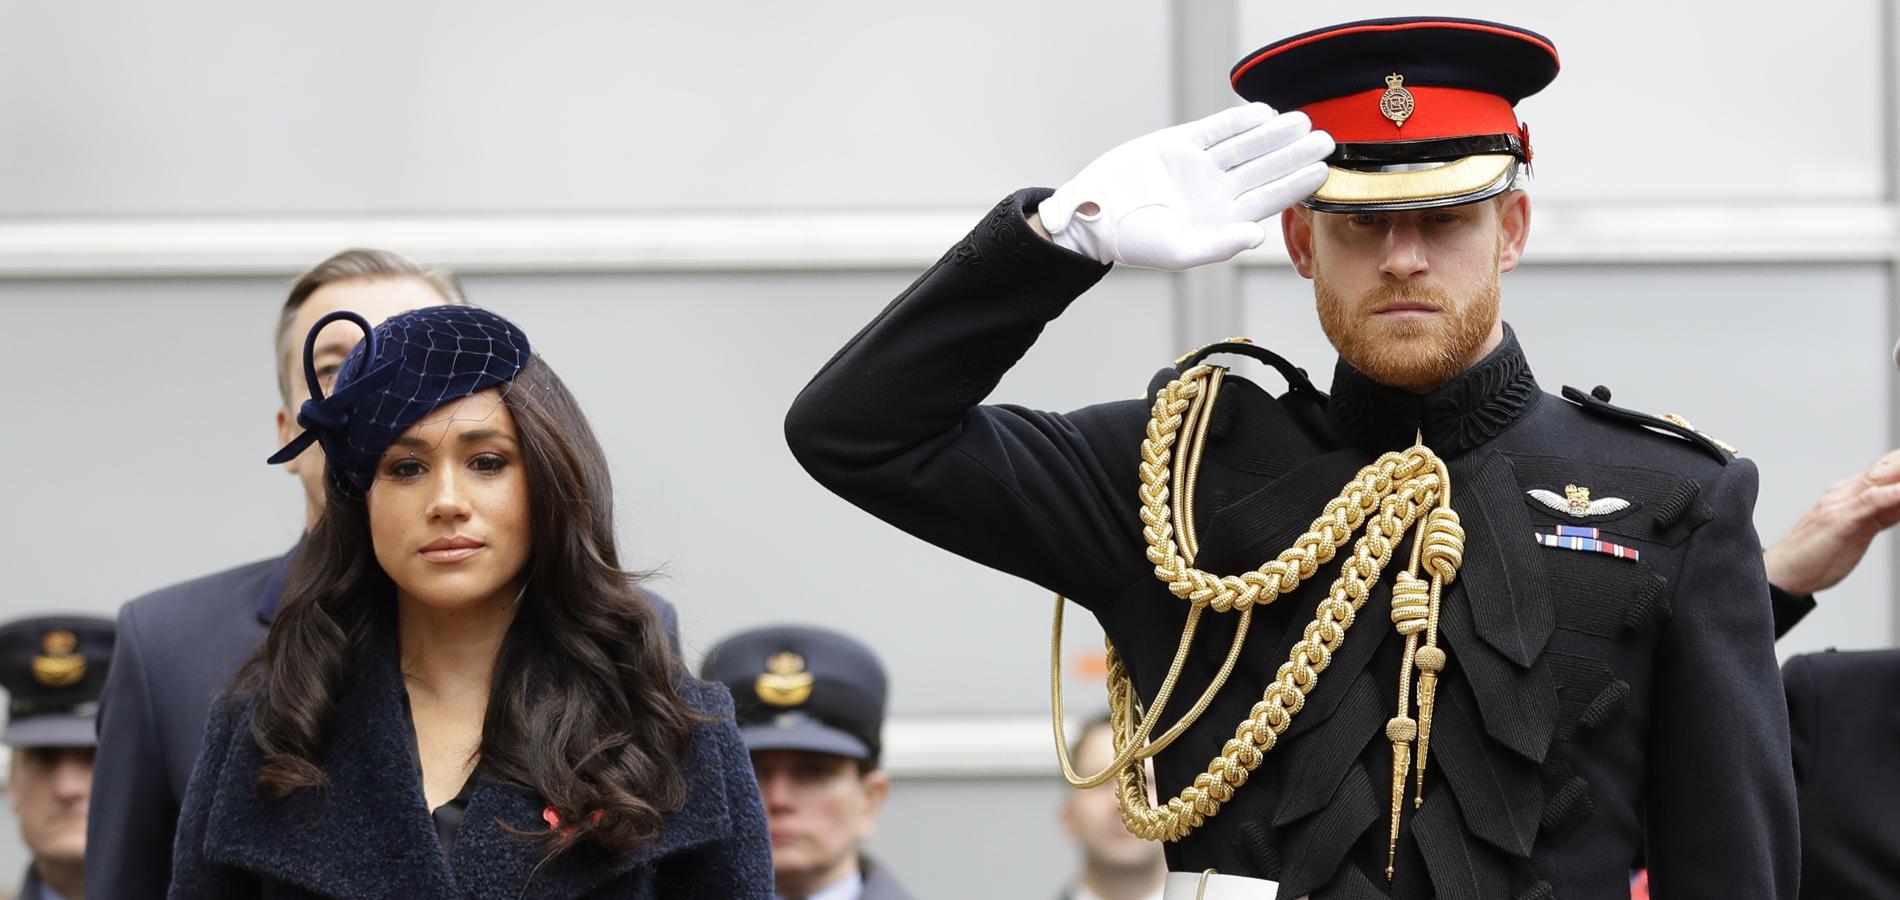 Meghan et Harry, une apparition très solennelle un mois après le documentaire controversé